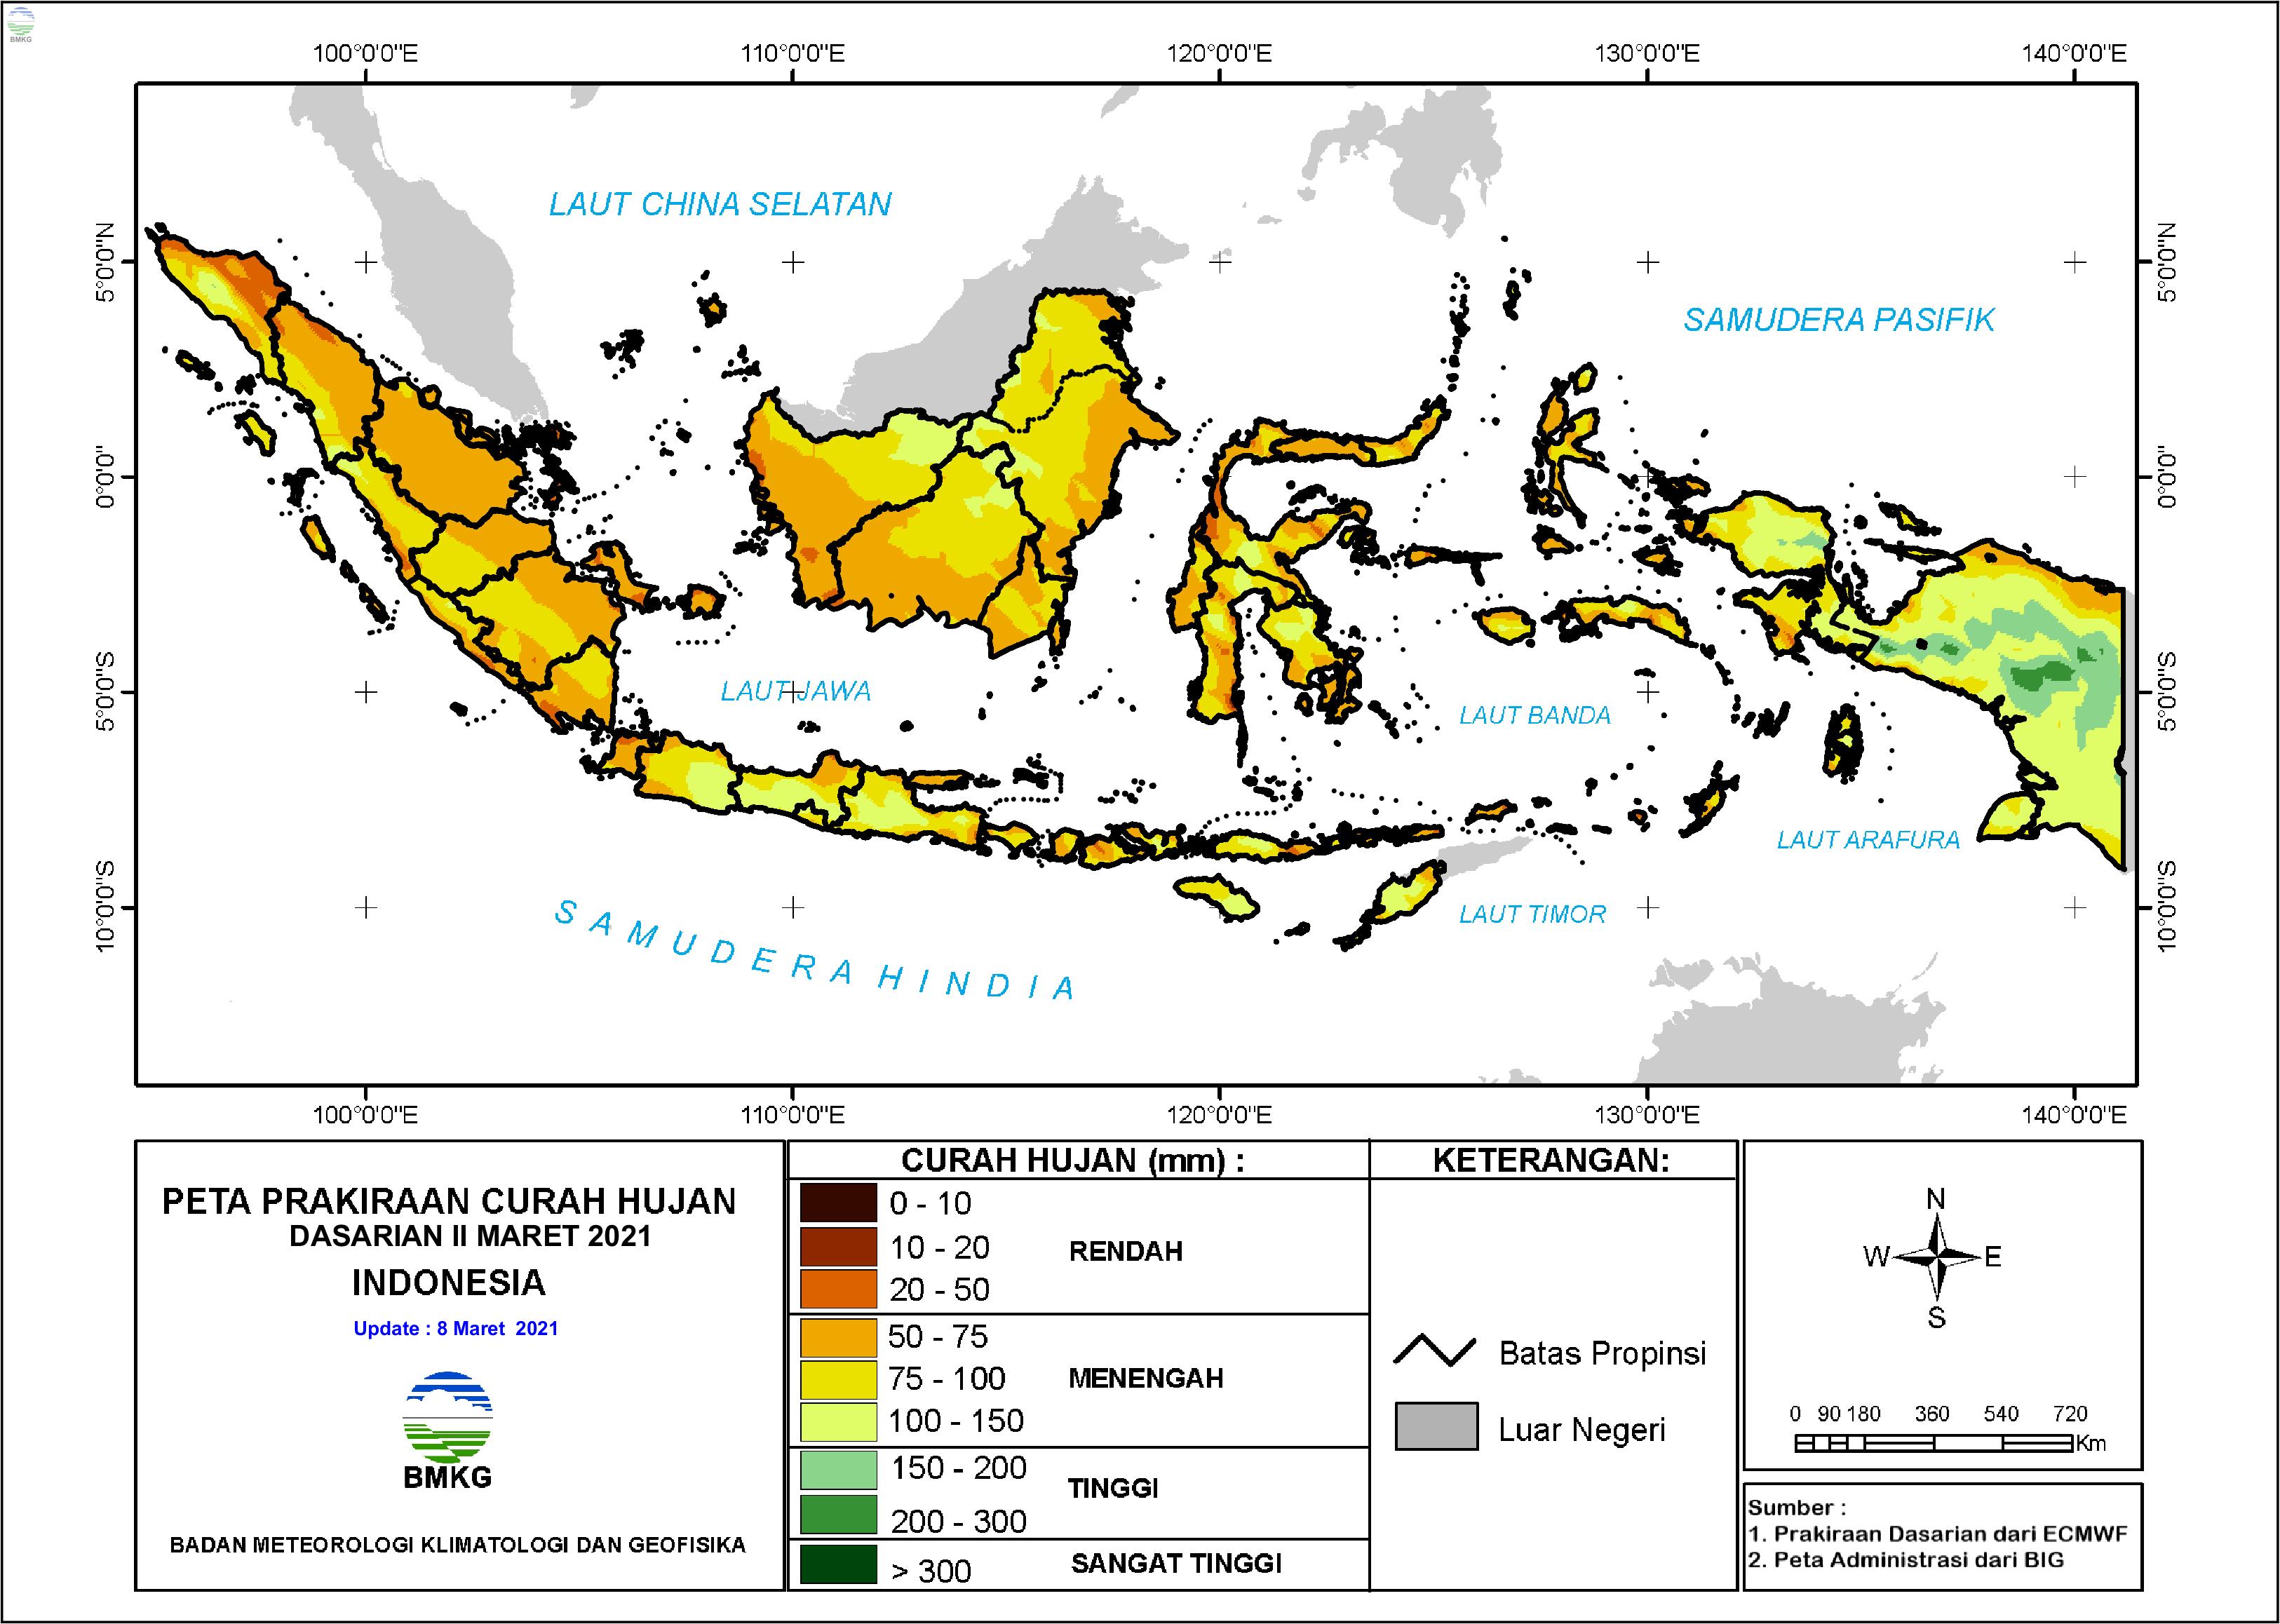 Prakiraan Curah Hujan Dasarian II-III Maret dan Dasarian I April 2021